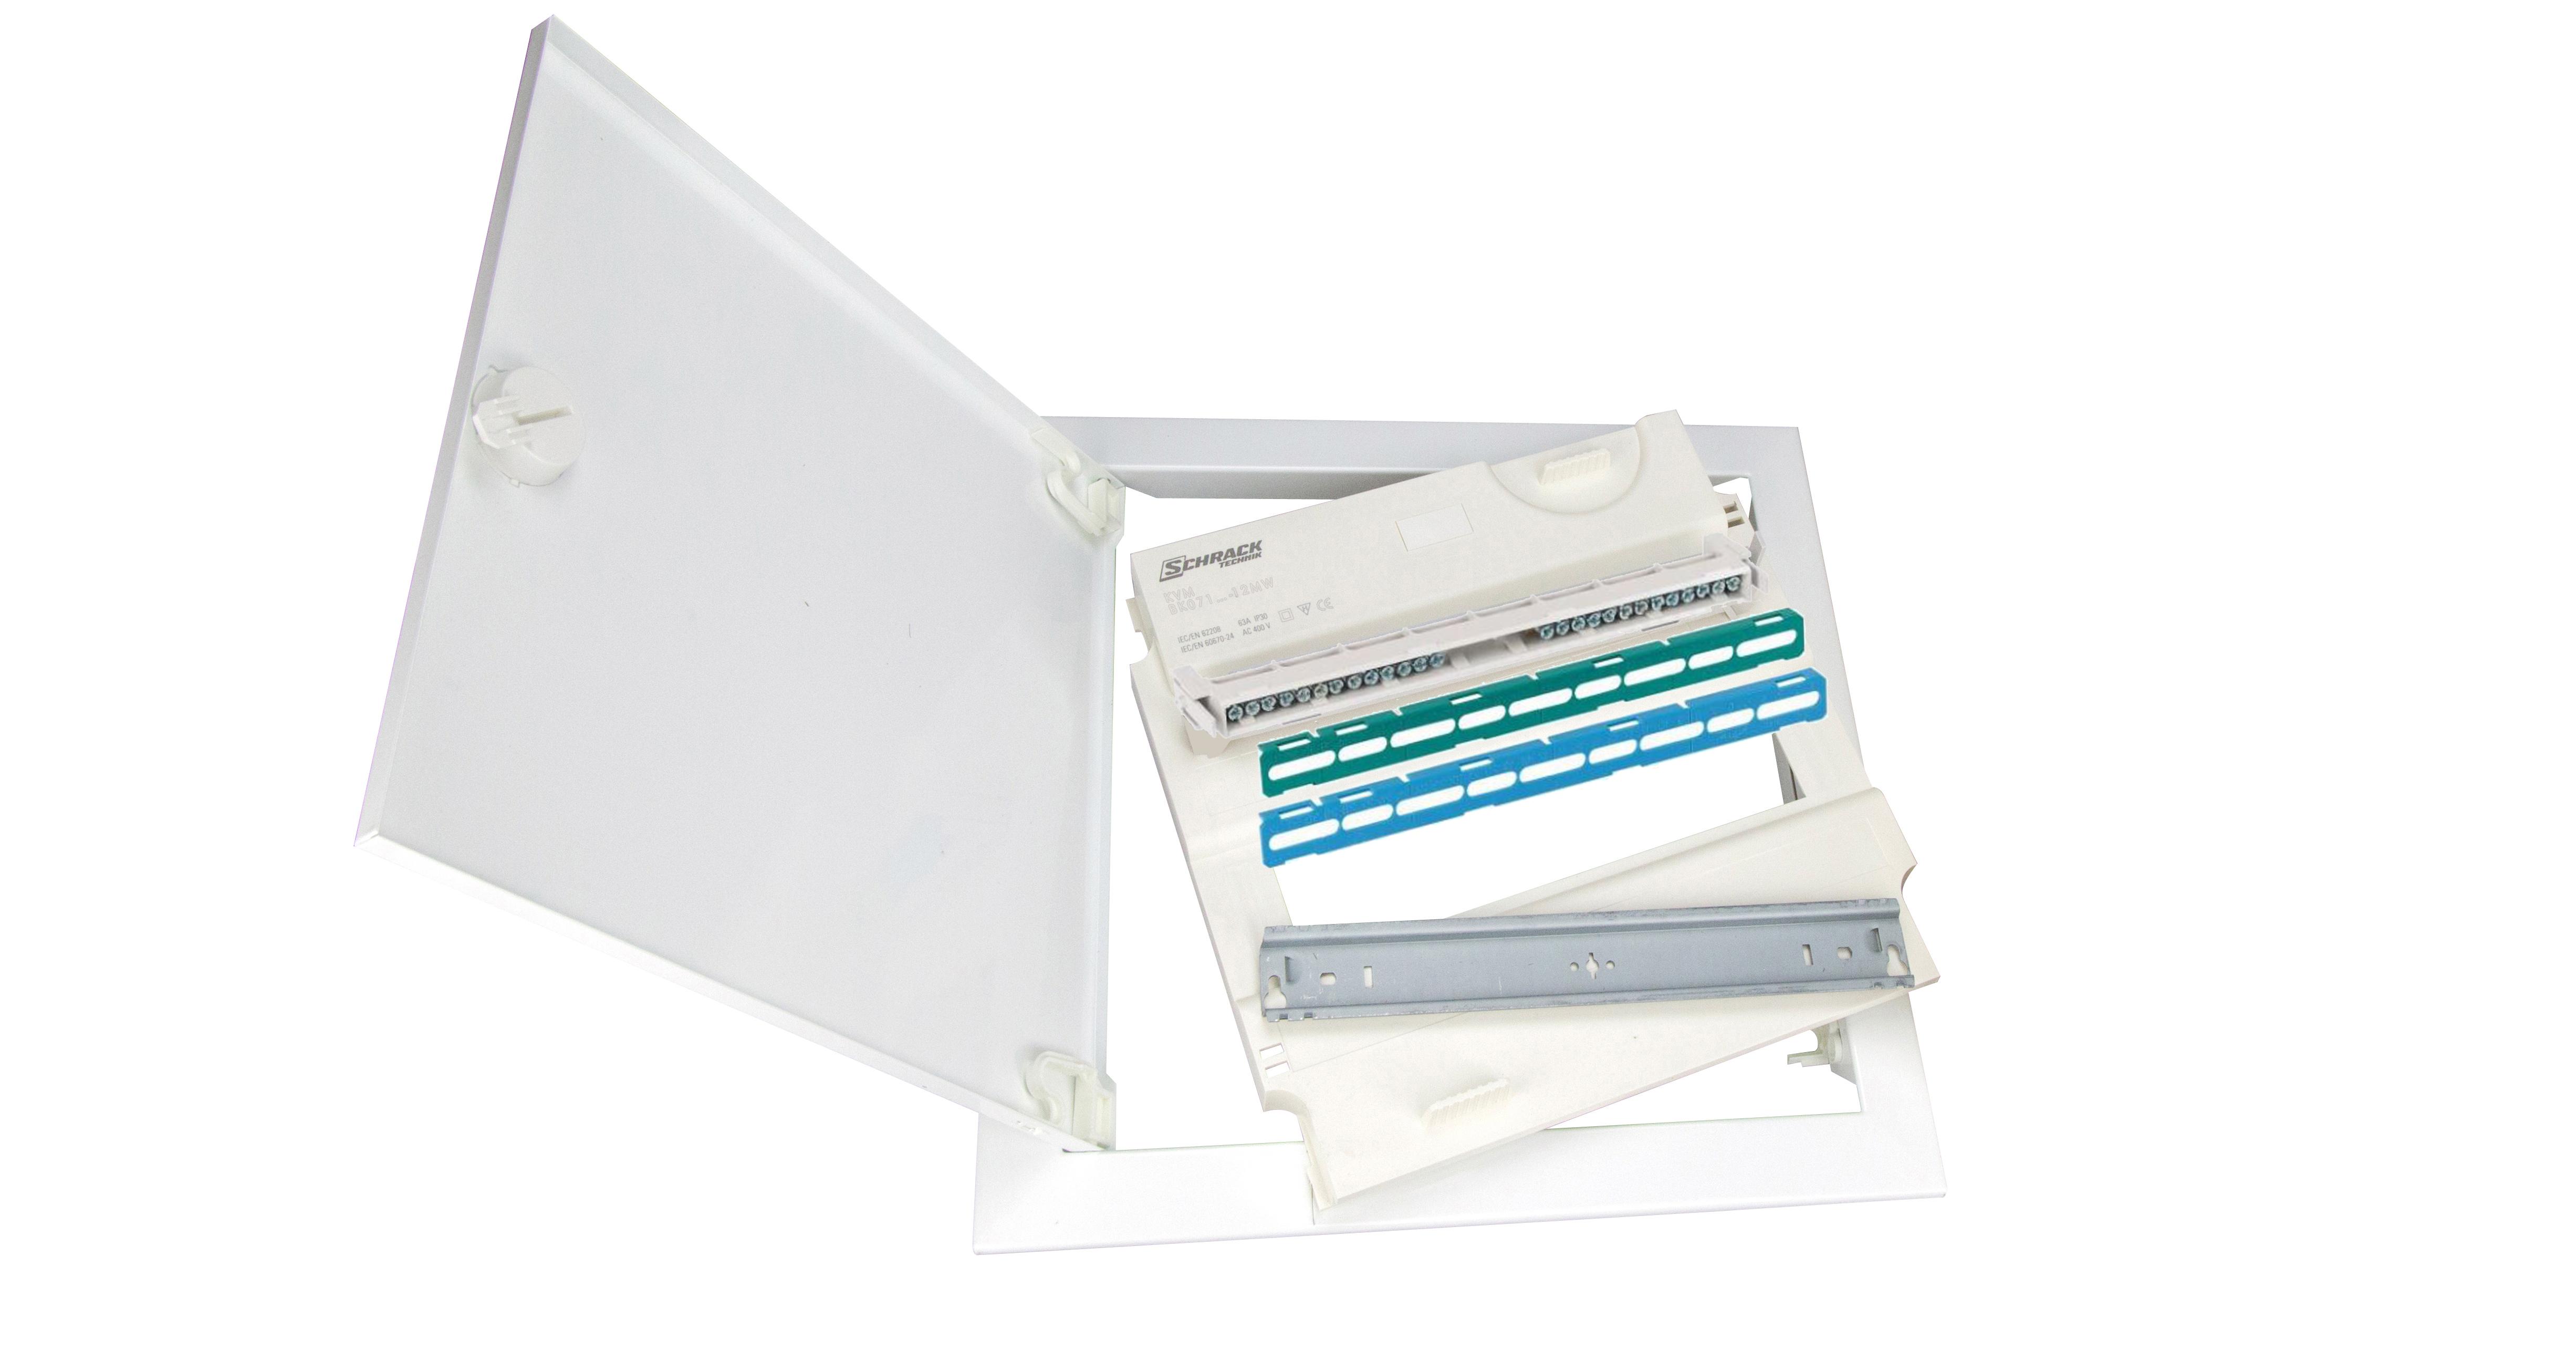 1 Stk Rahmen mit Tür und Einsatz für KVH hoch 1-reihig, 12/14TE BK072201-F